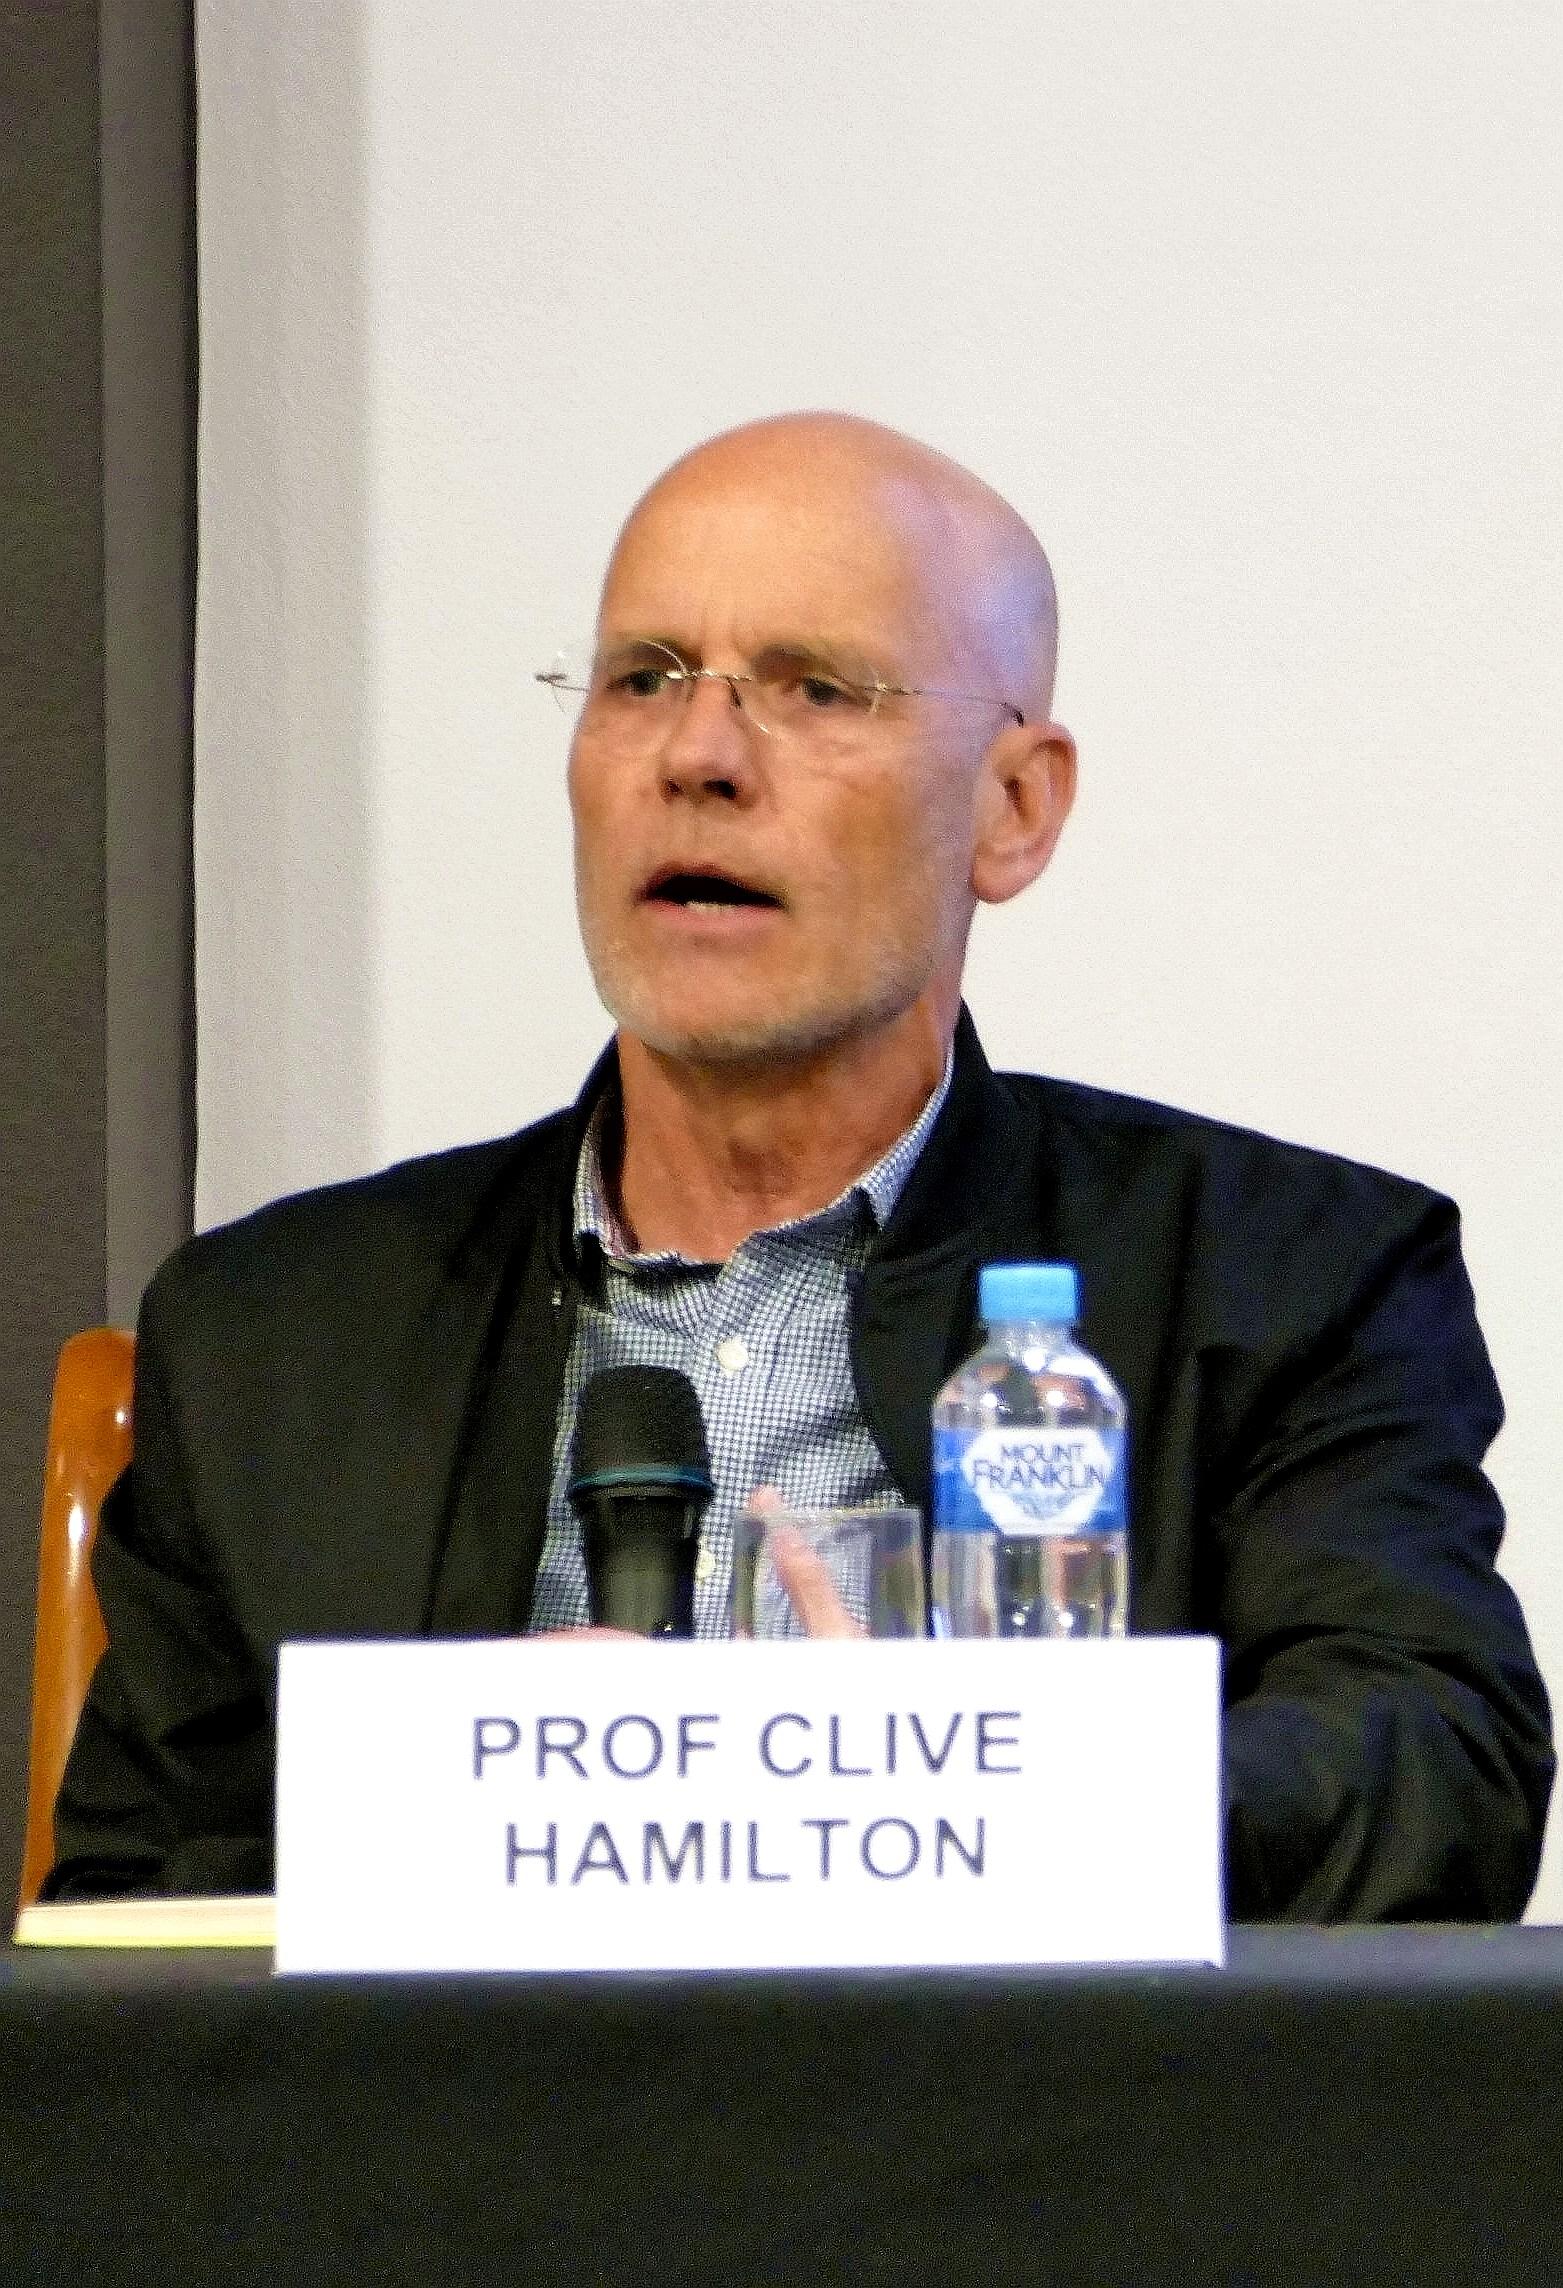 咸美頓(Clive Hamilton)教授表示,澳洲人歡迎真正的中國文化,而不是中共的滲透。(安平雅/大紀元)